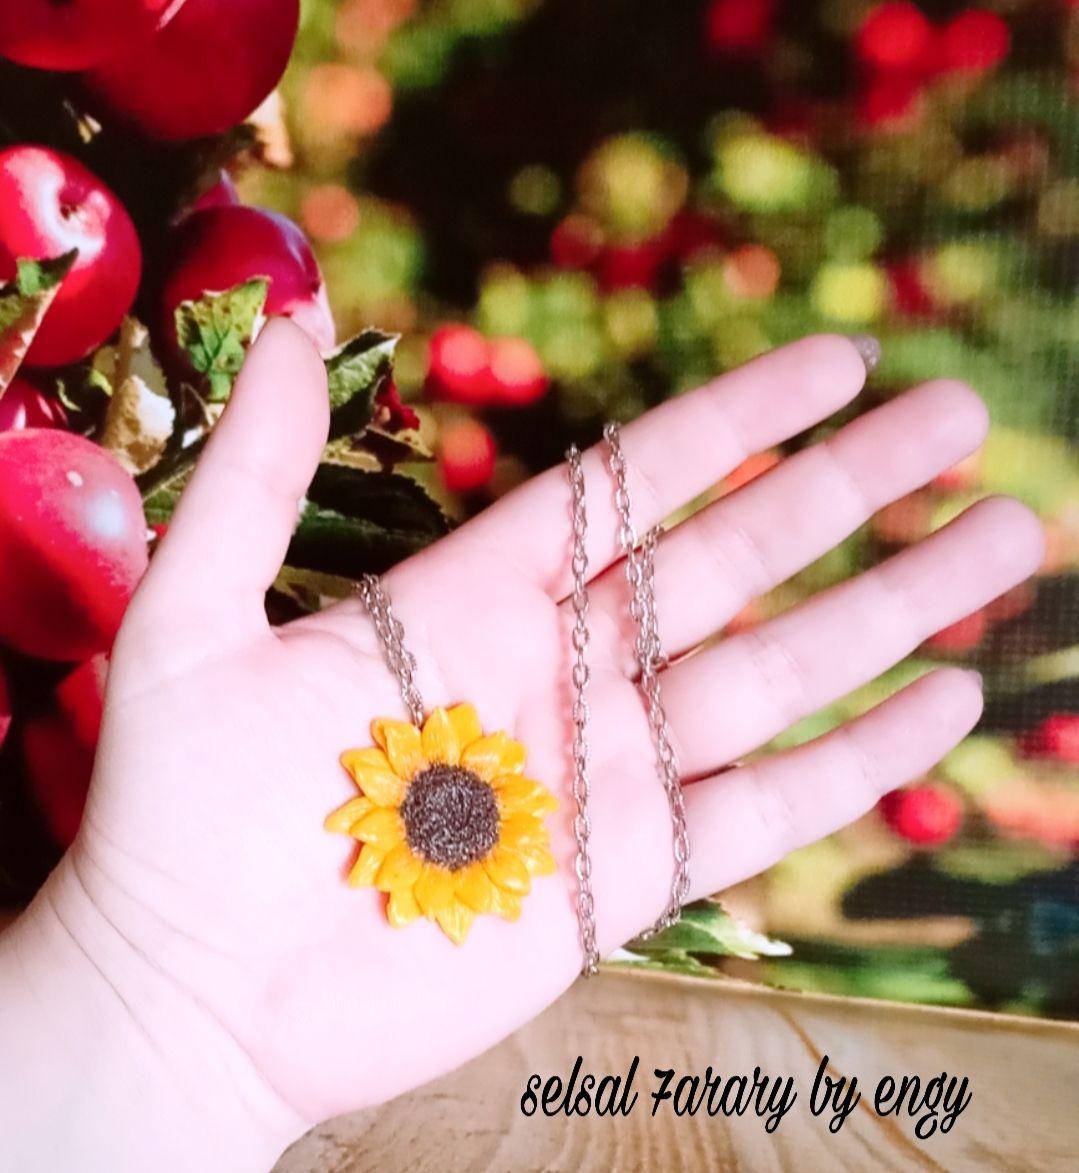 سلسلة عباد الشمس هاند ميد اختيار الاكسسورات المصنوعة يدويا هو أفضل وسيلة للحفاظ على هدية فريدة من نوعها وجميلة إذا كنت تبحث للتعبير Cuff Bracelets Cuff Jewelry